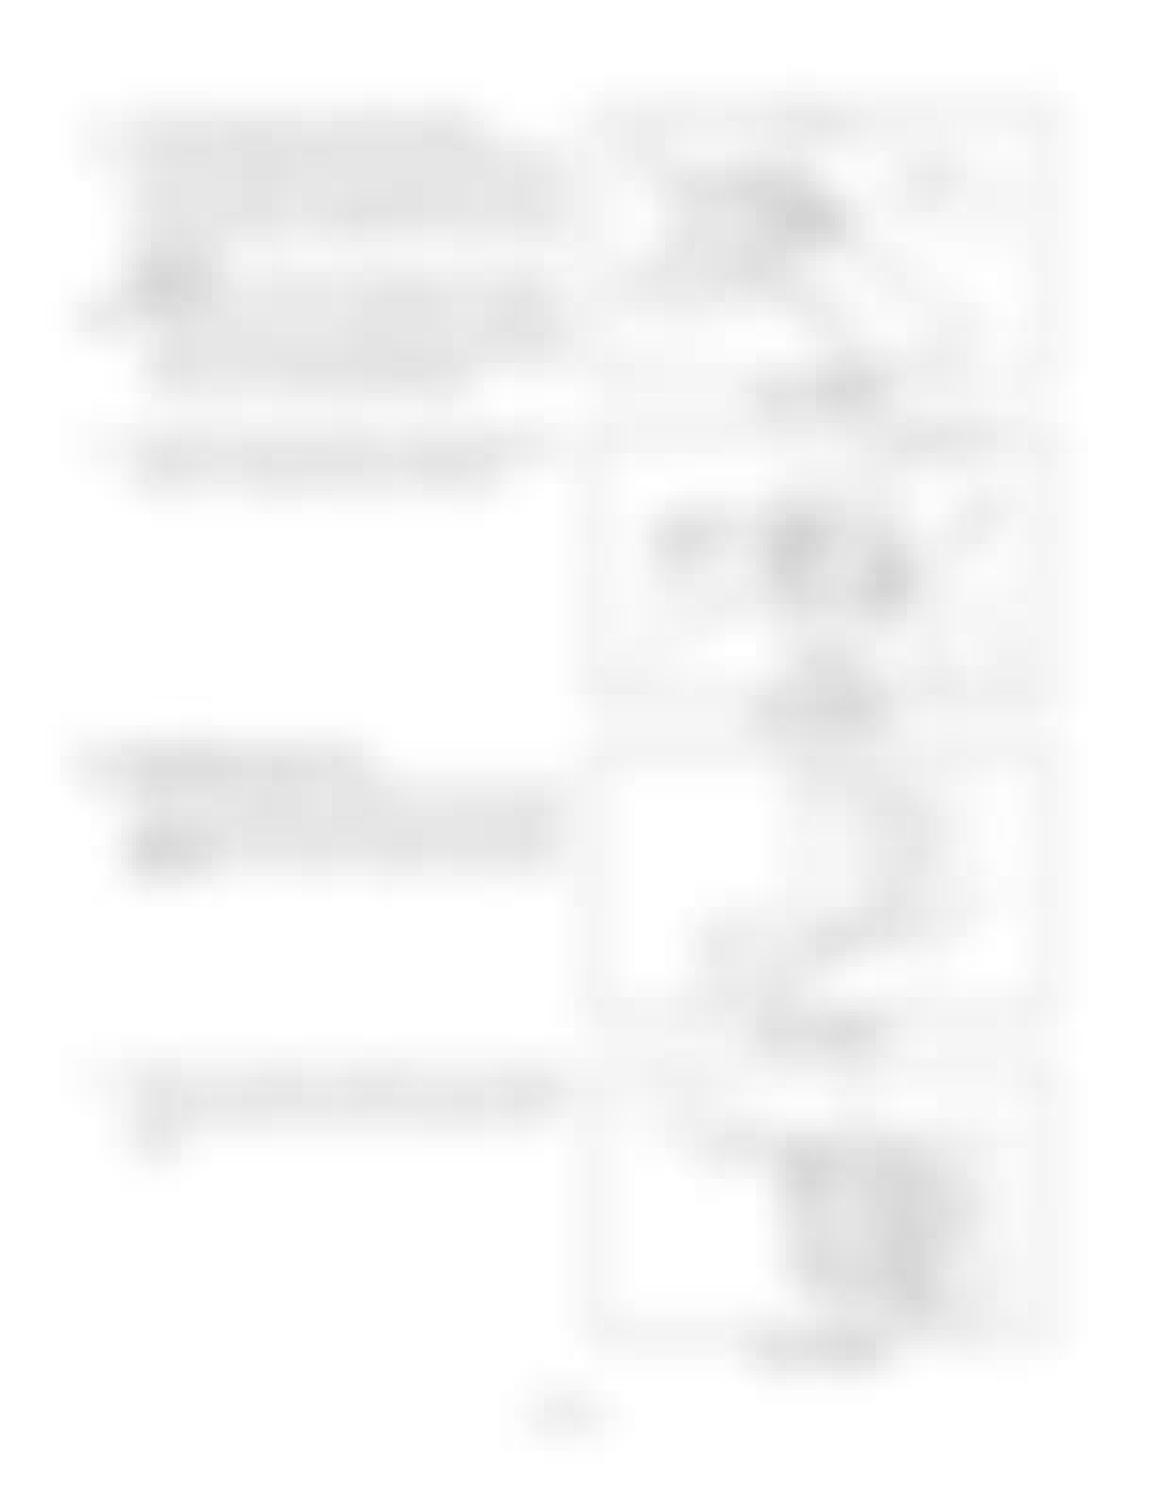 Hitachi LX110-7 LX130-7 LX160-7 LX190-7 LX230-7 Wheel Loader Workshop Manual - PDF DOWNLOAD page 146